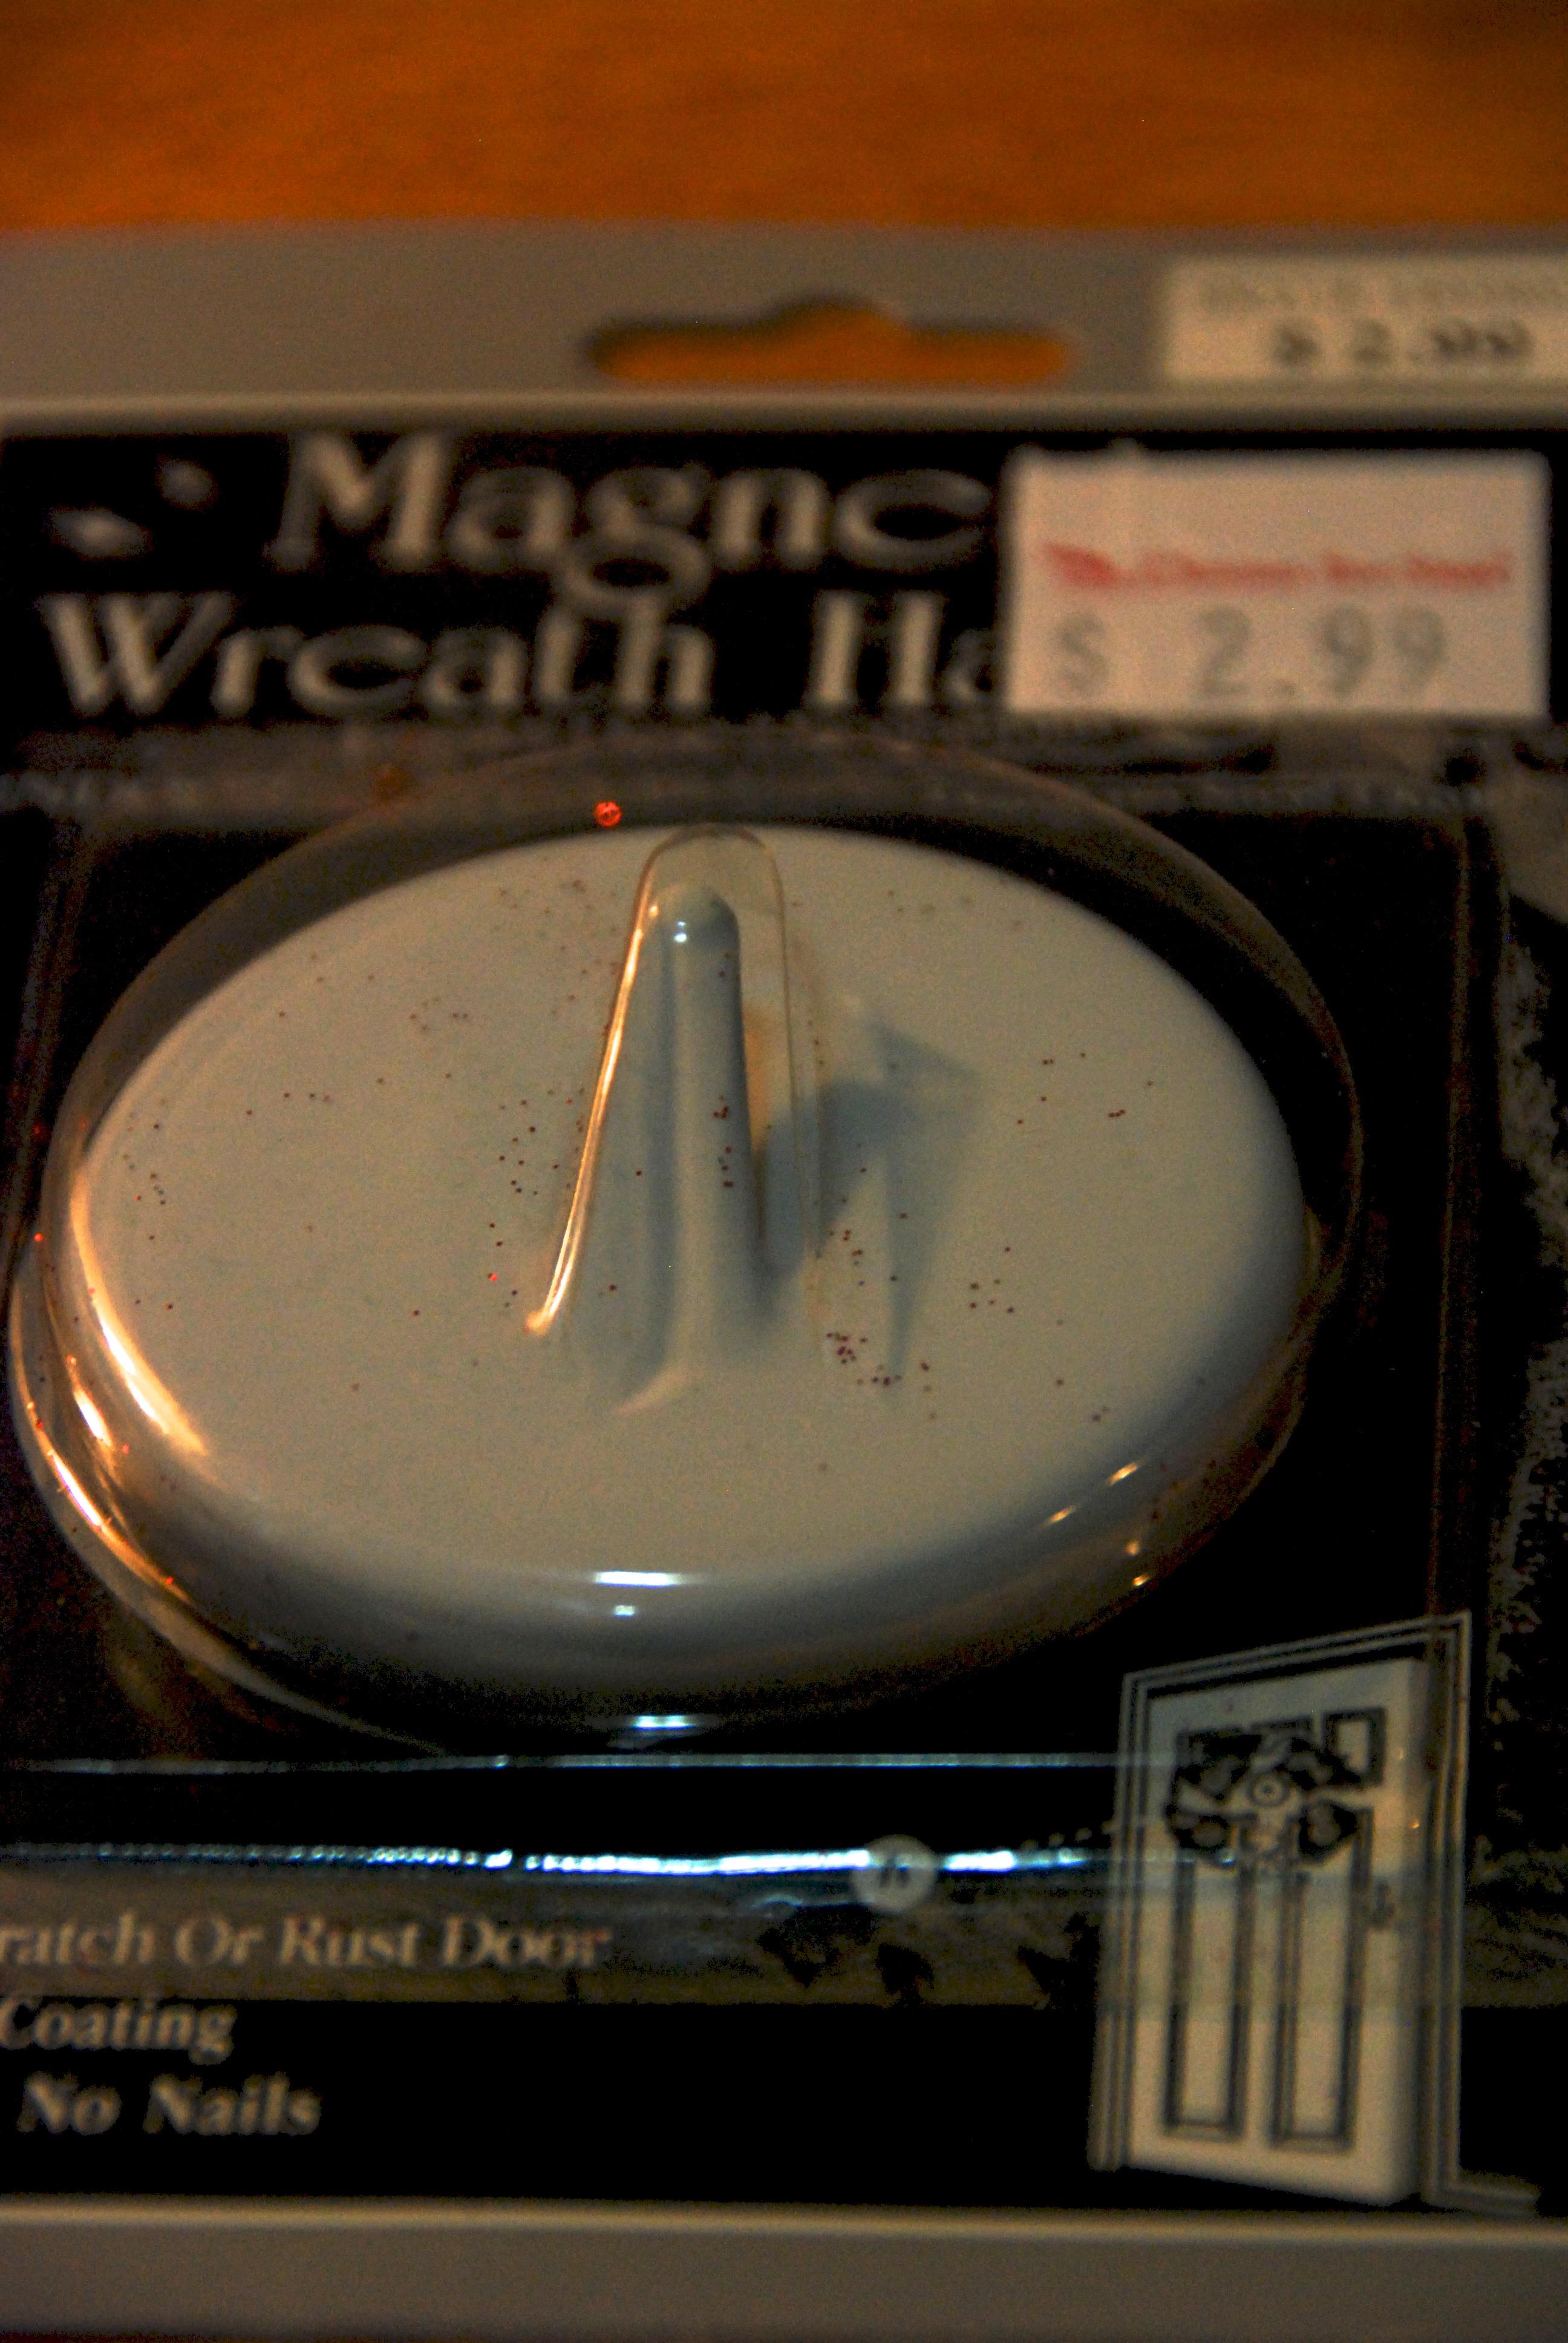 magnet wreath hanger